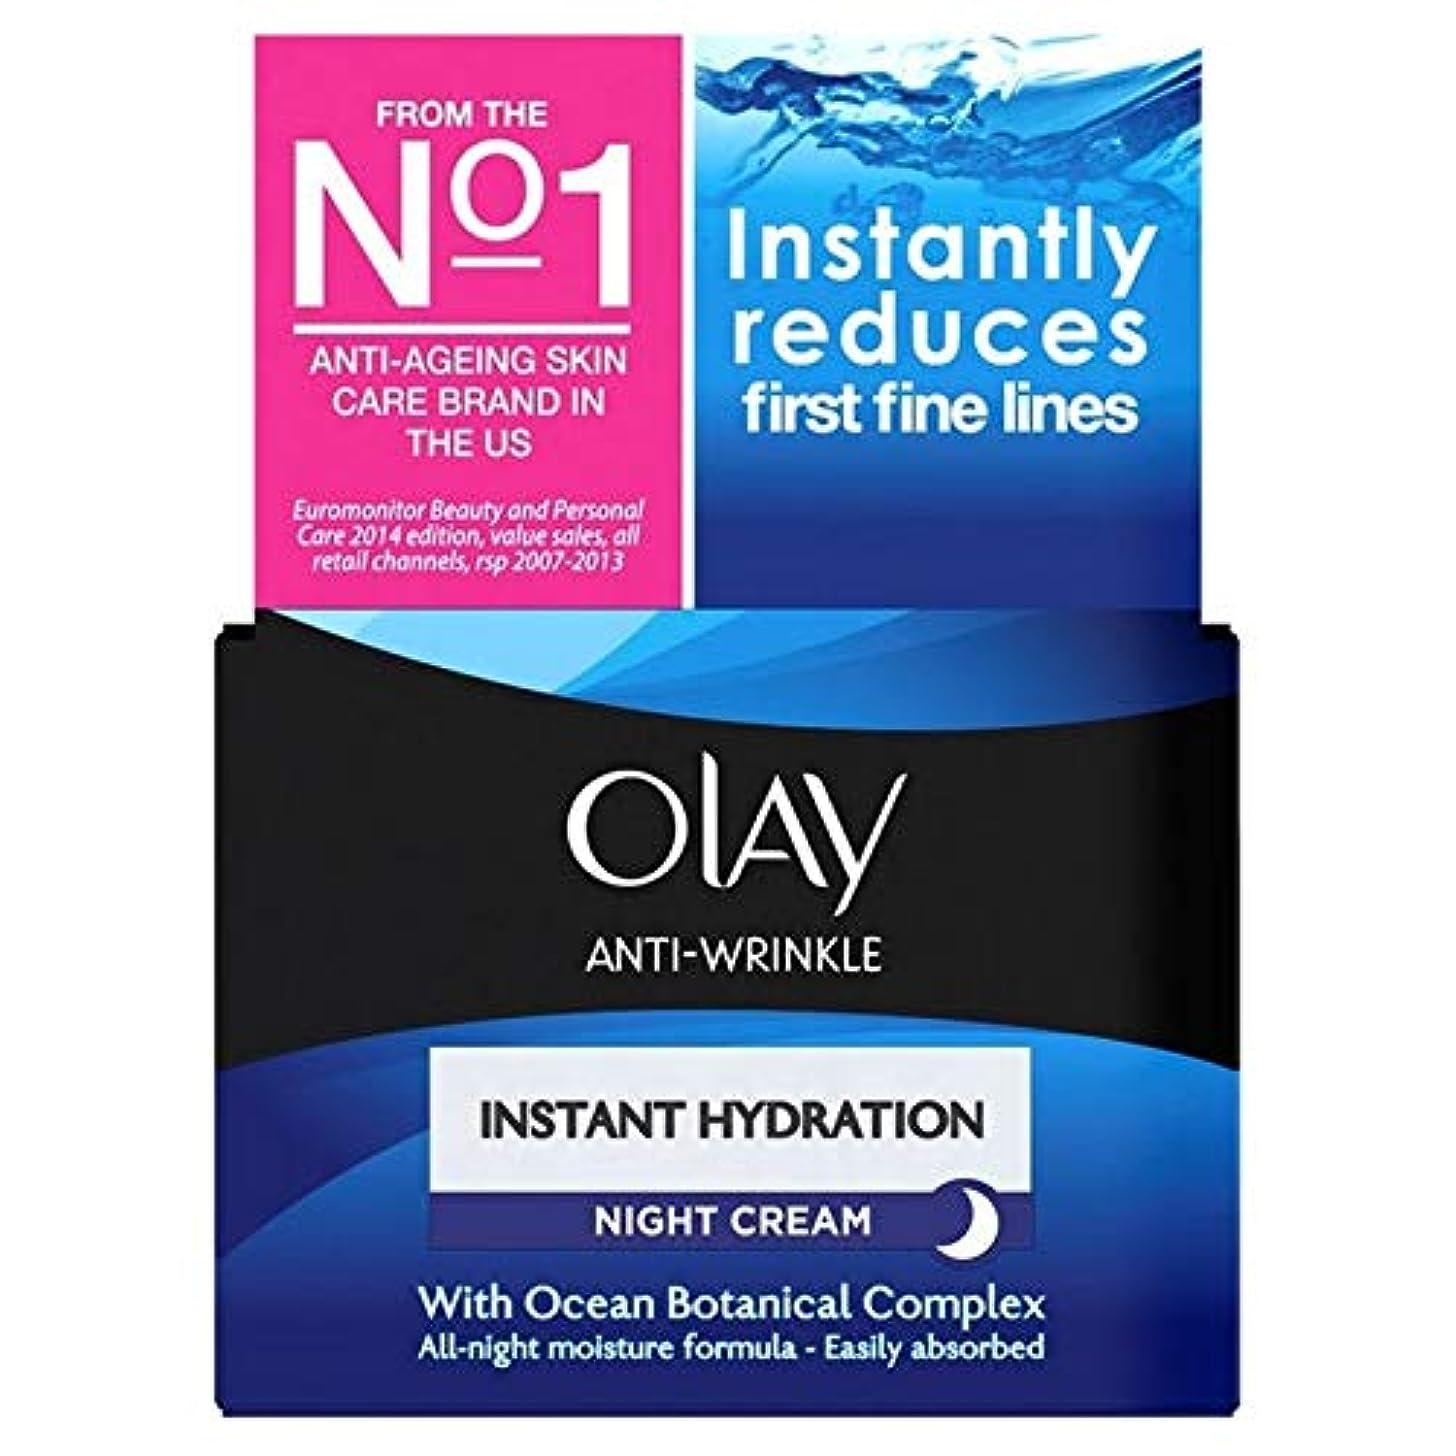 バスコンテスト毛細血管[Olay ] オーレイ抗しわインスタント水和保湿ナイトクリーム50ミリリットル - Olay Anti-Wrinkle Instant Hydration Moisturiser Night Cream 50ml [並行輸入品]